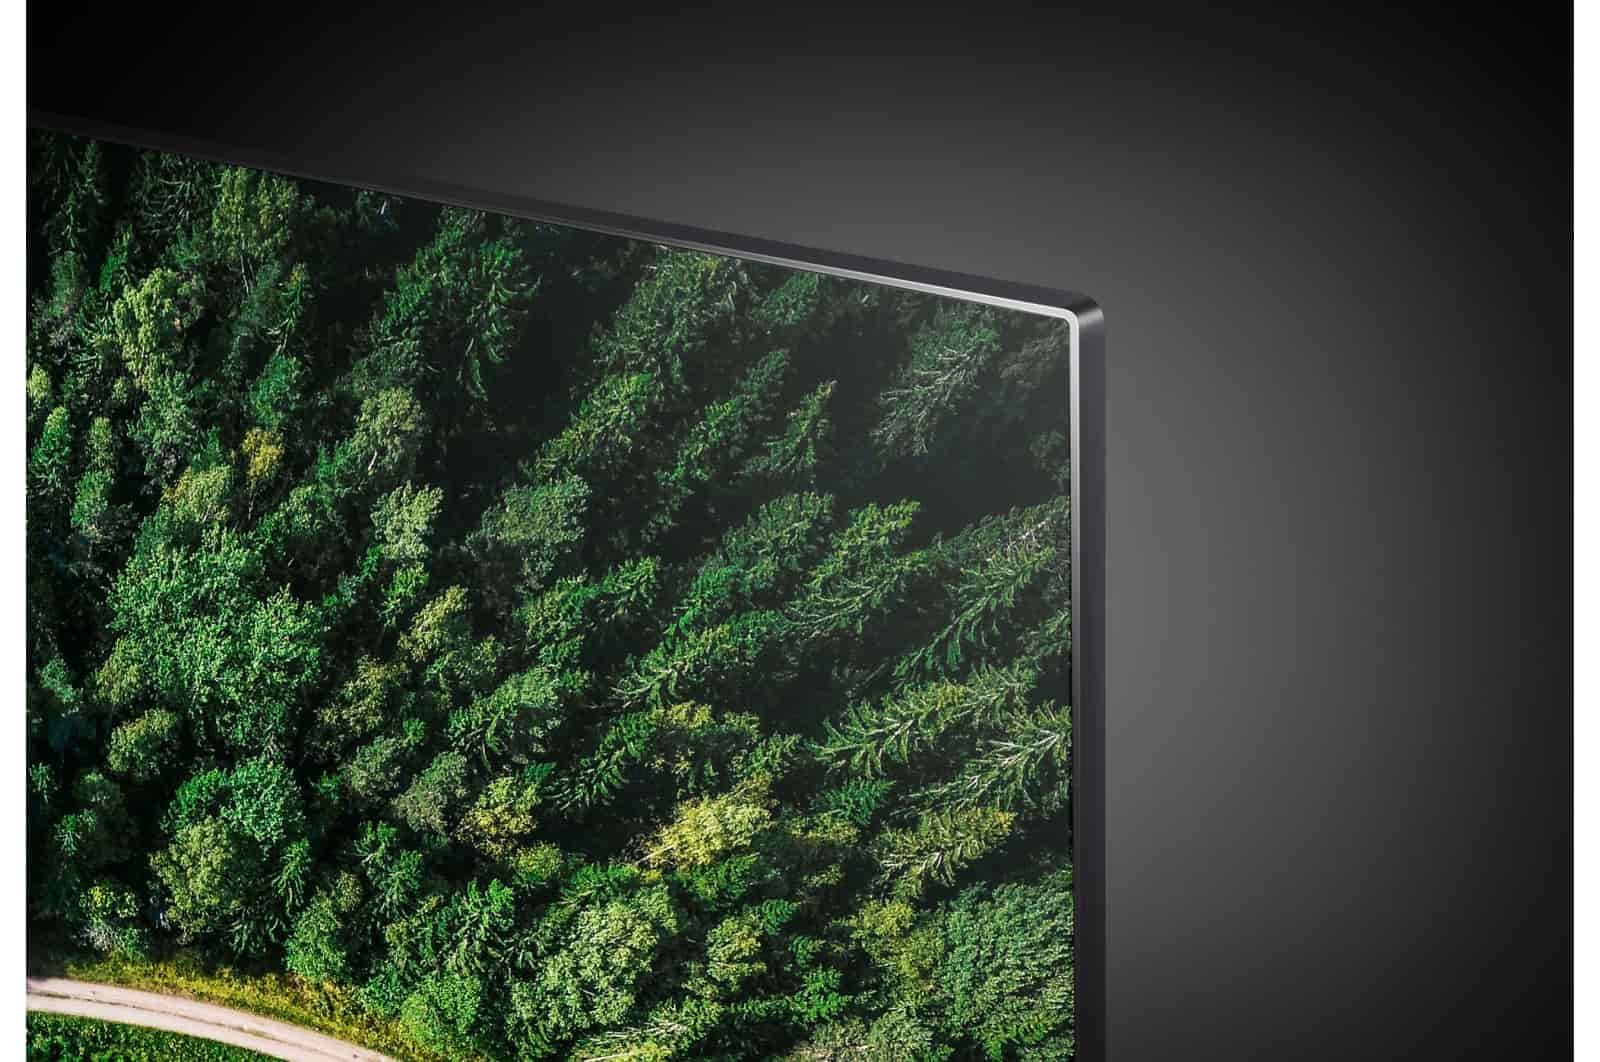 طراحی تلویزیون ۸۸ اینچی الجی